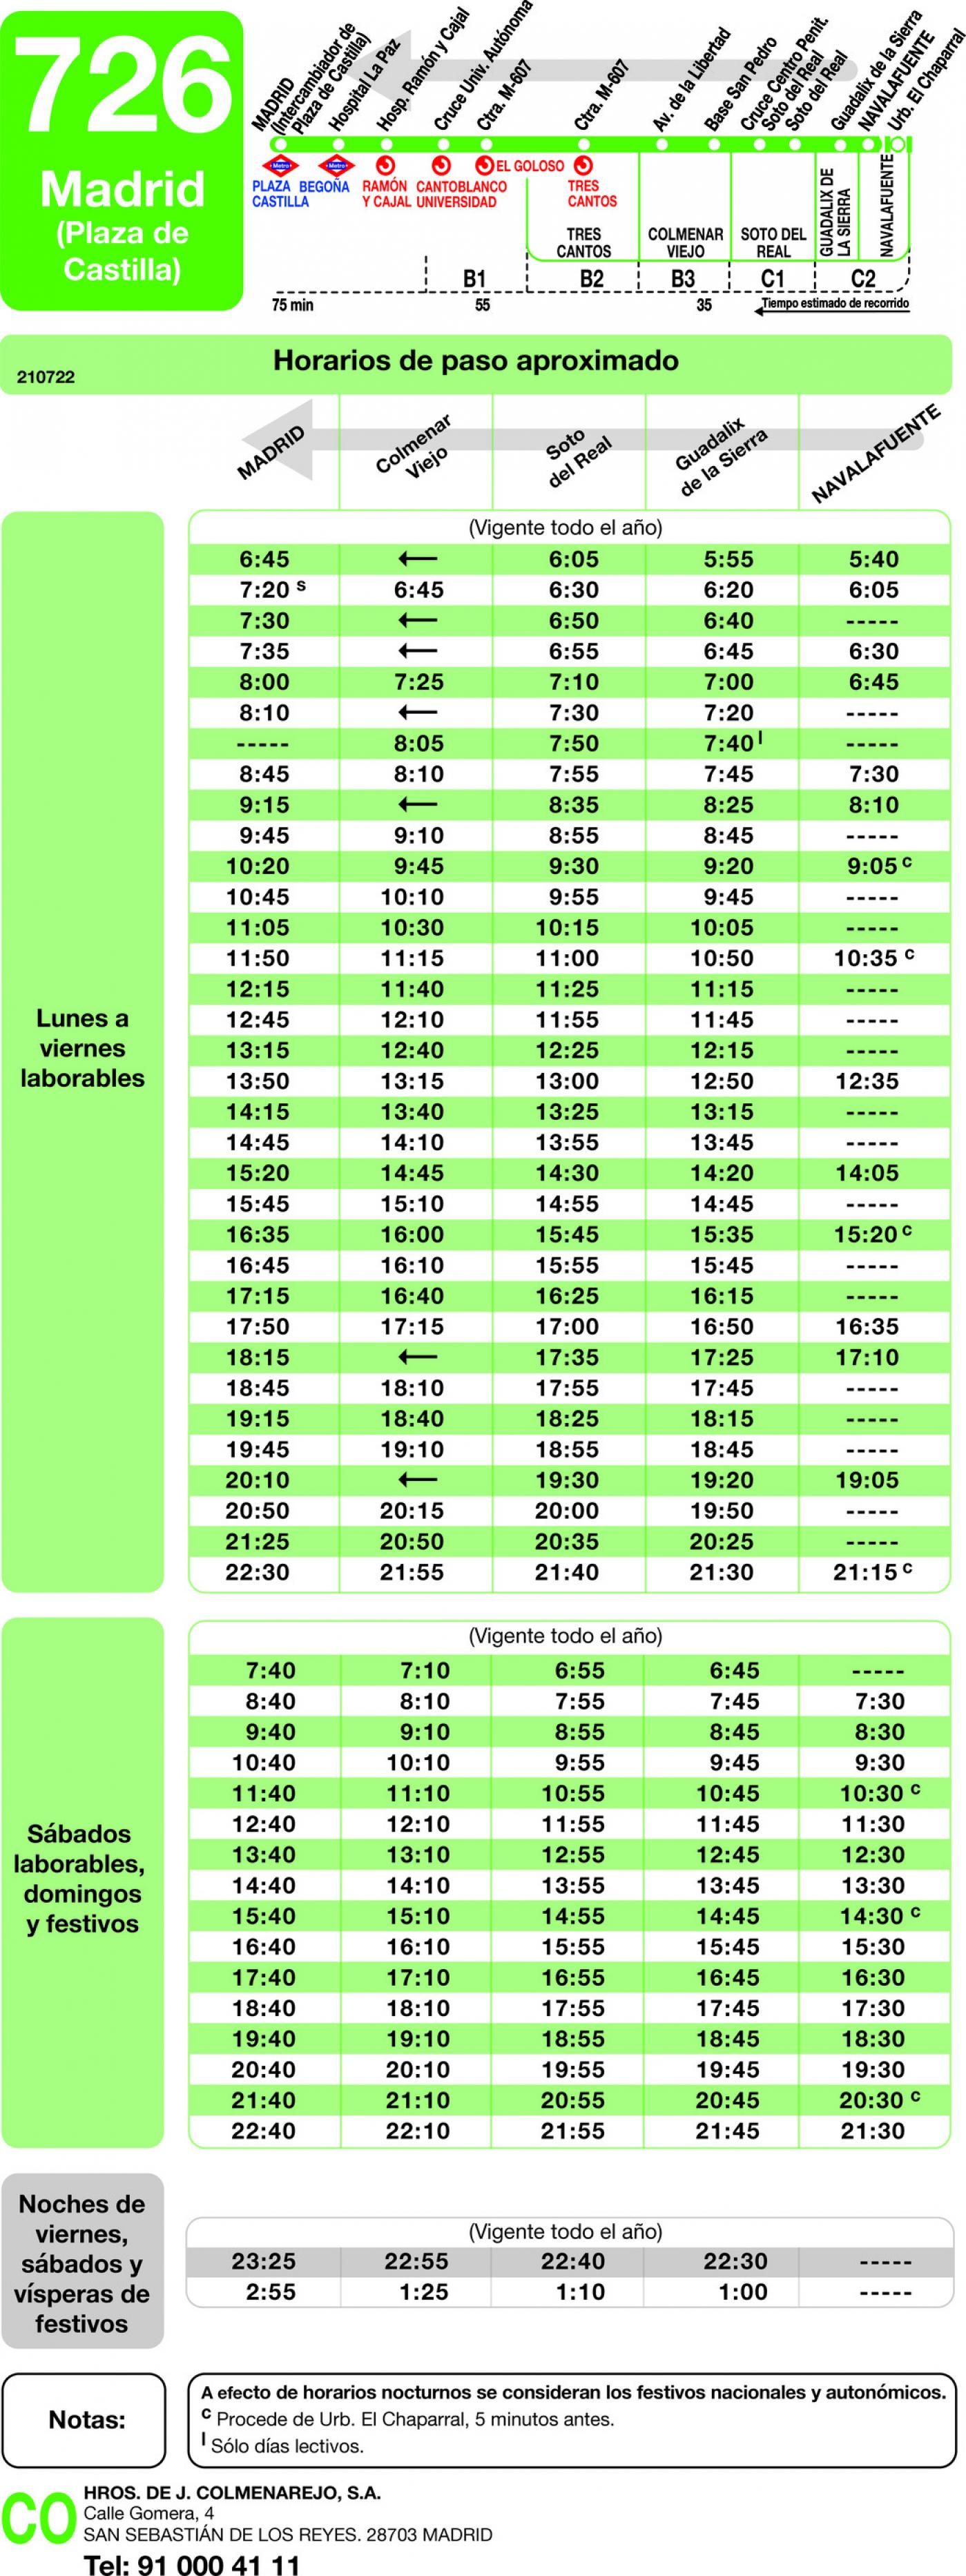 Tabla de horarios y frecuencias de paso en sentido vuelta Línea 726: Madrid (Plaza Castilla) - Guadalix - Navalafuente